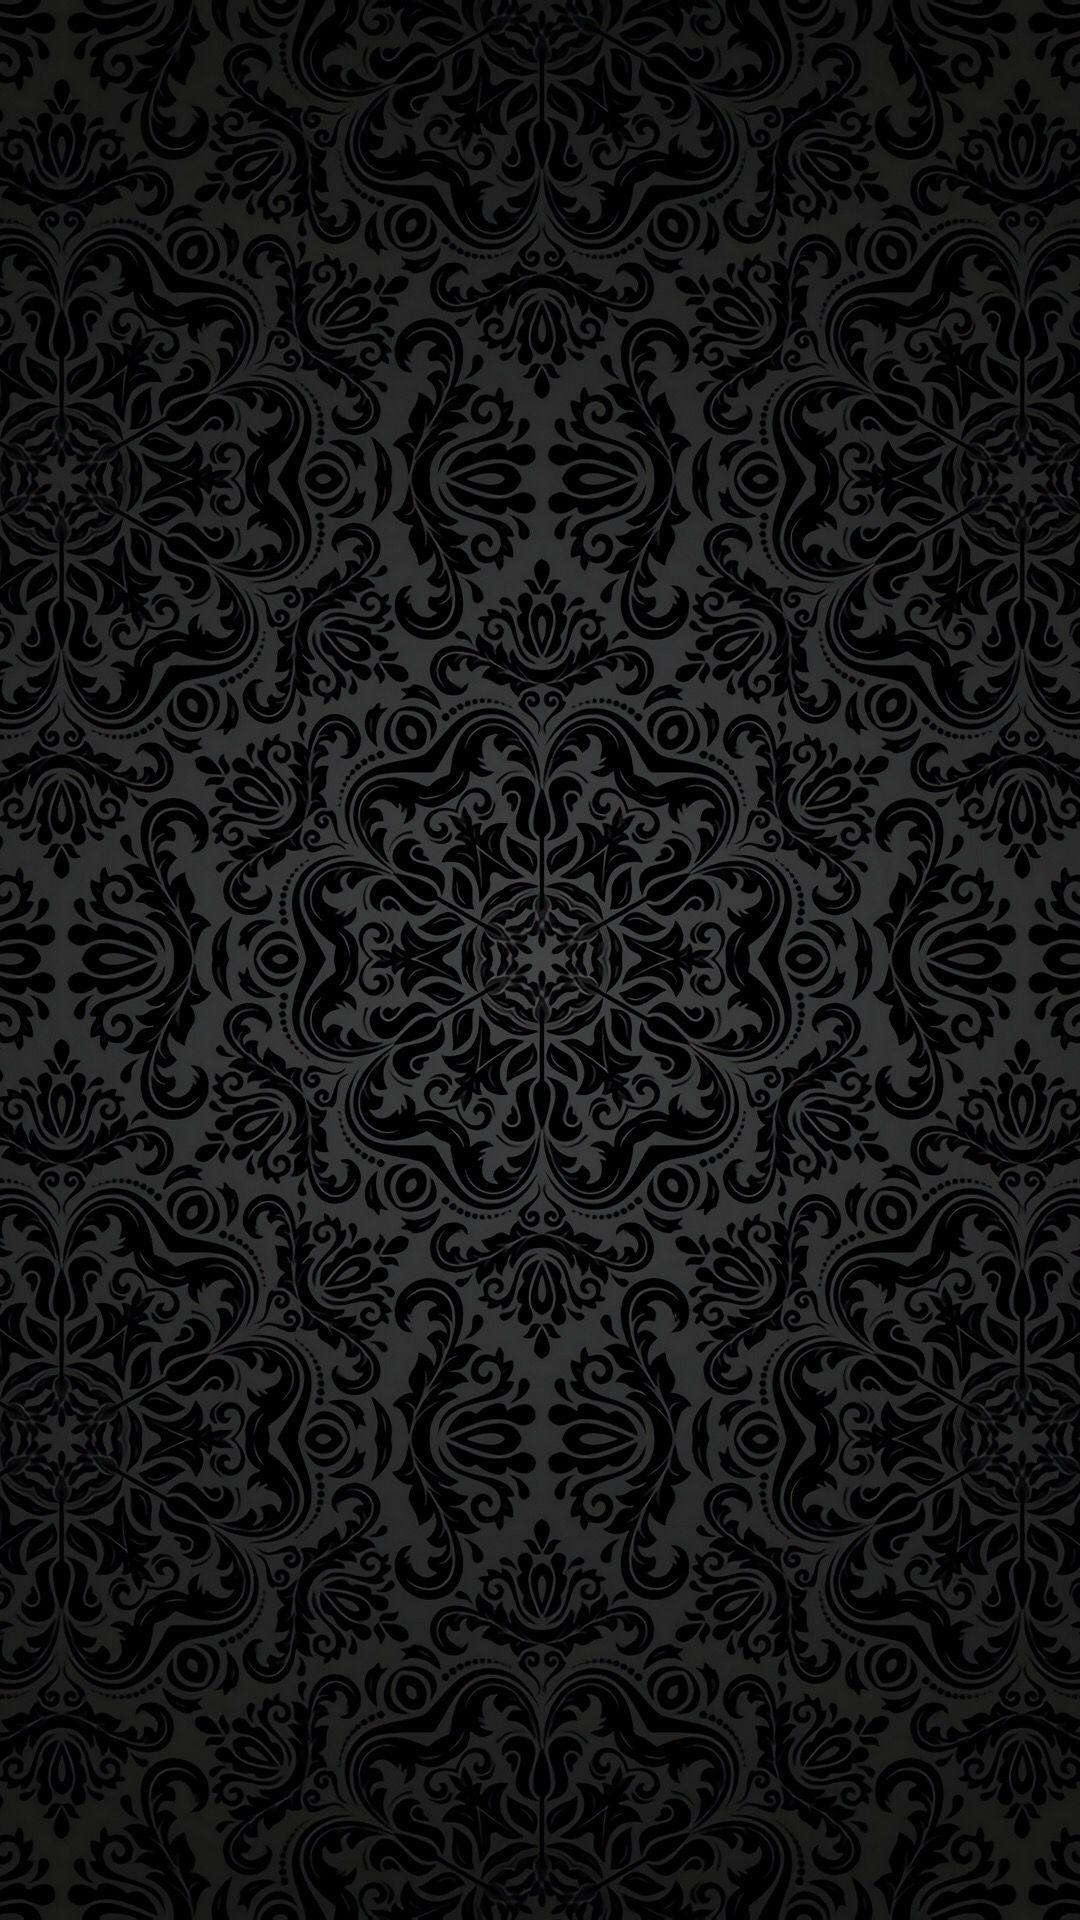 Schwarzer hintergrund iphone wallpaper